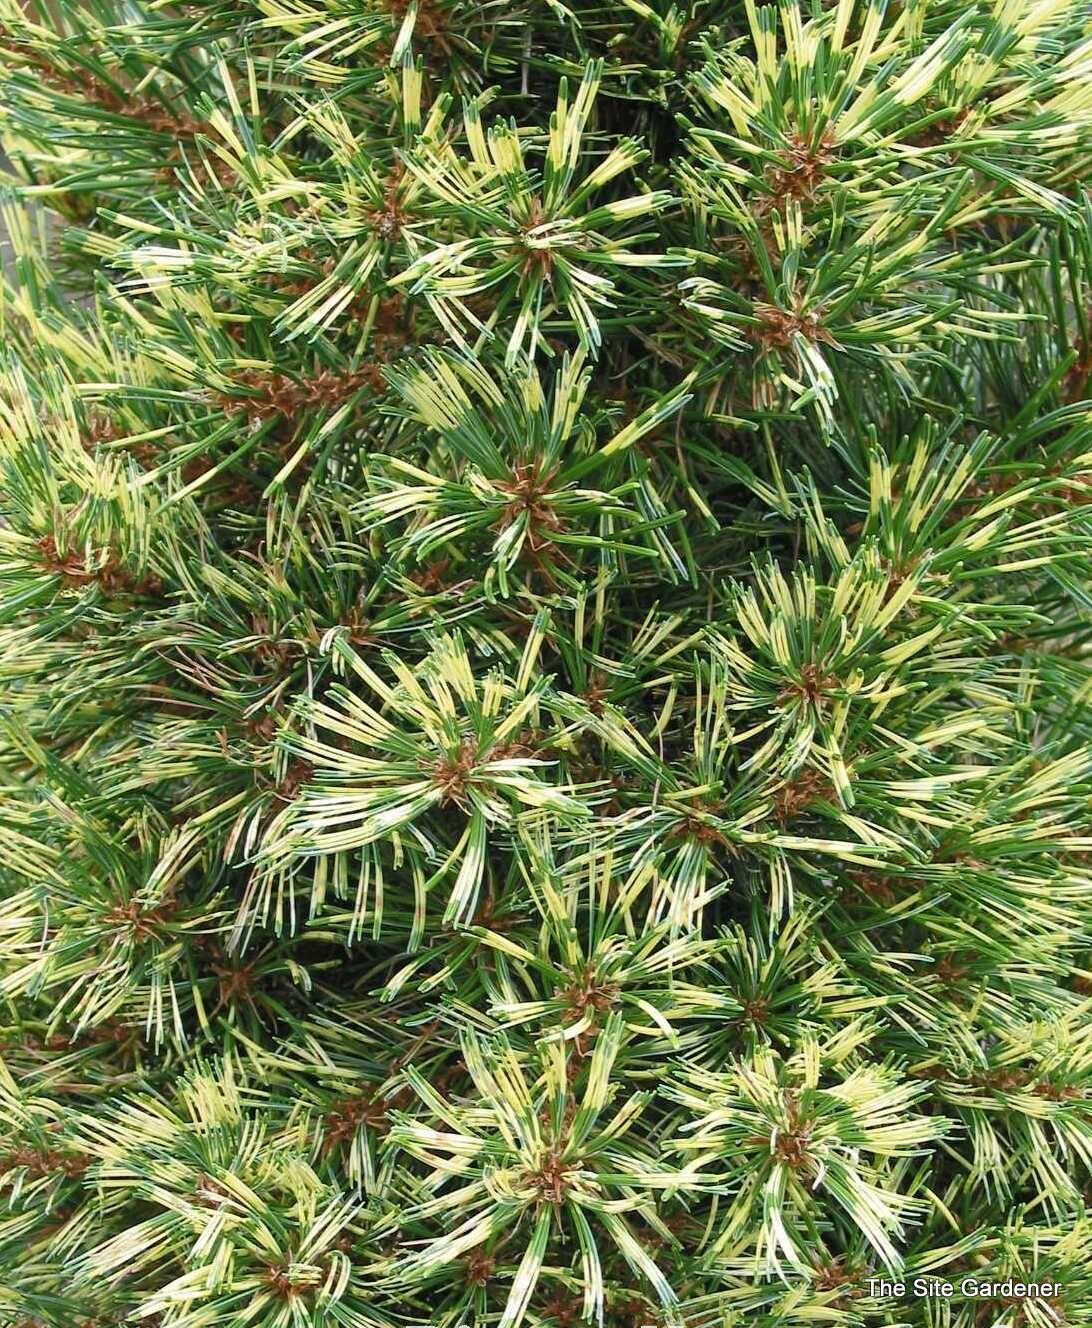 Pinus Parviflora Ogon Janome The Site Gardener